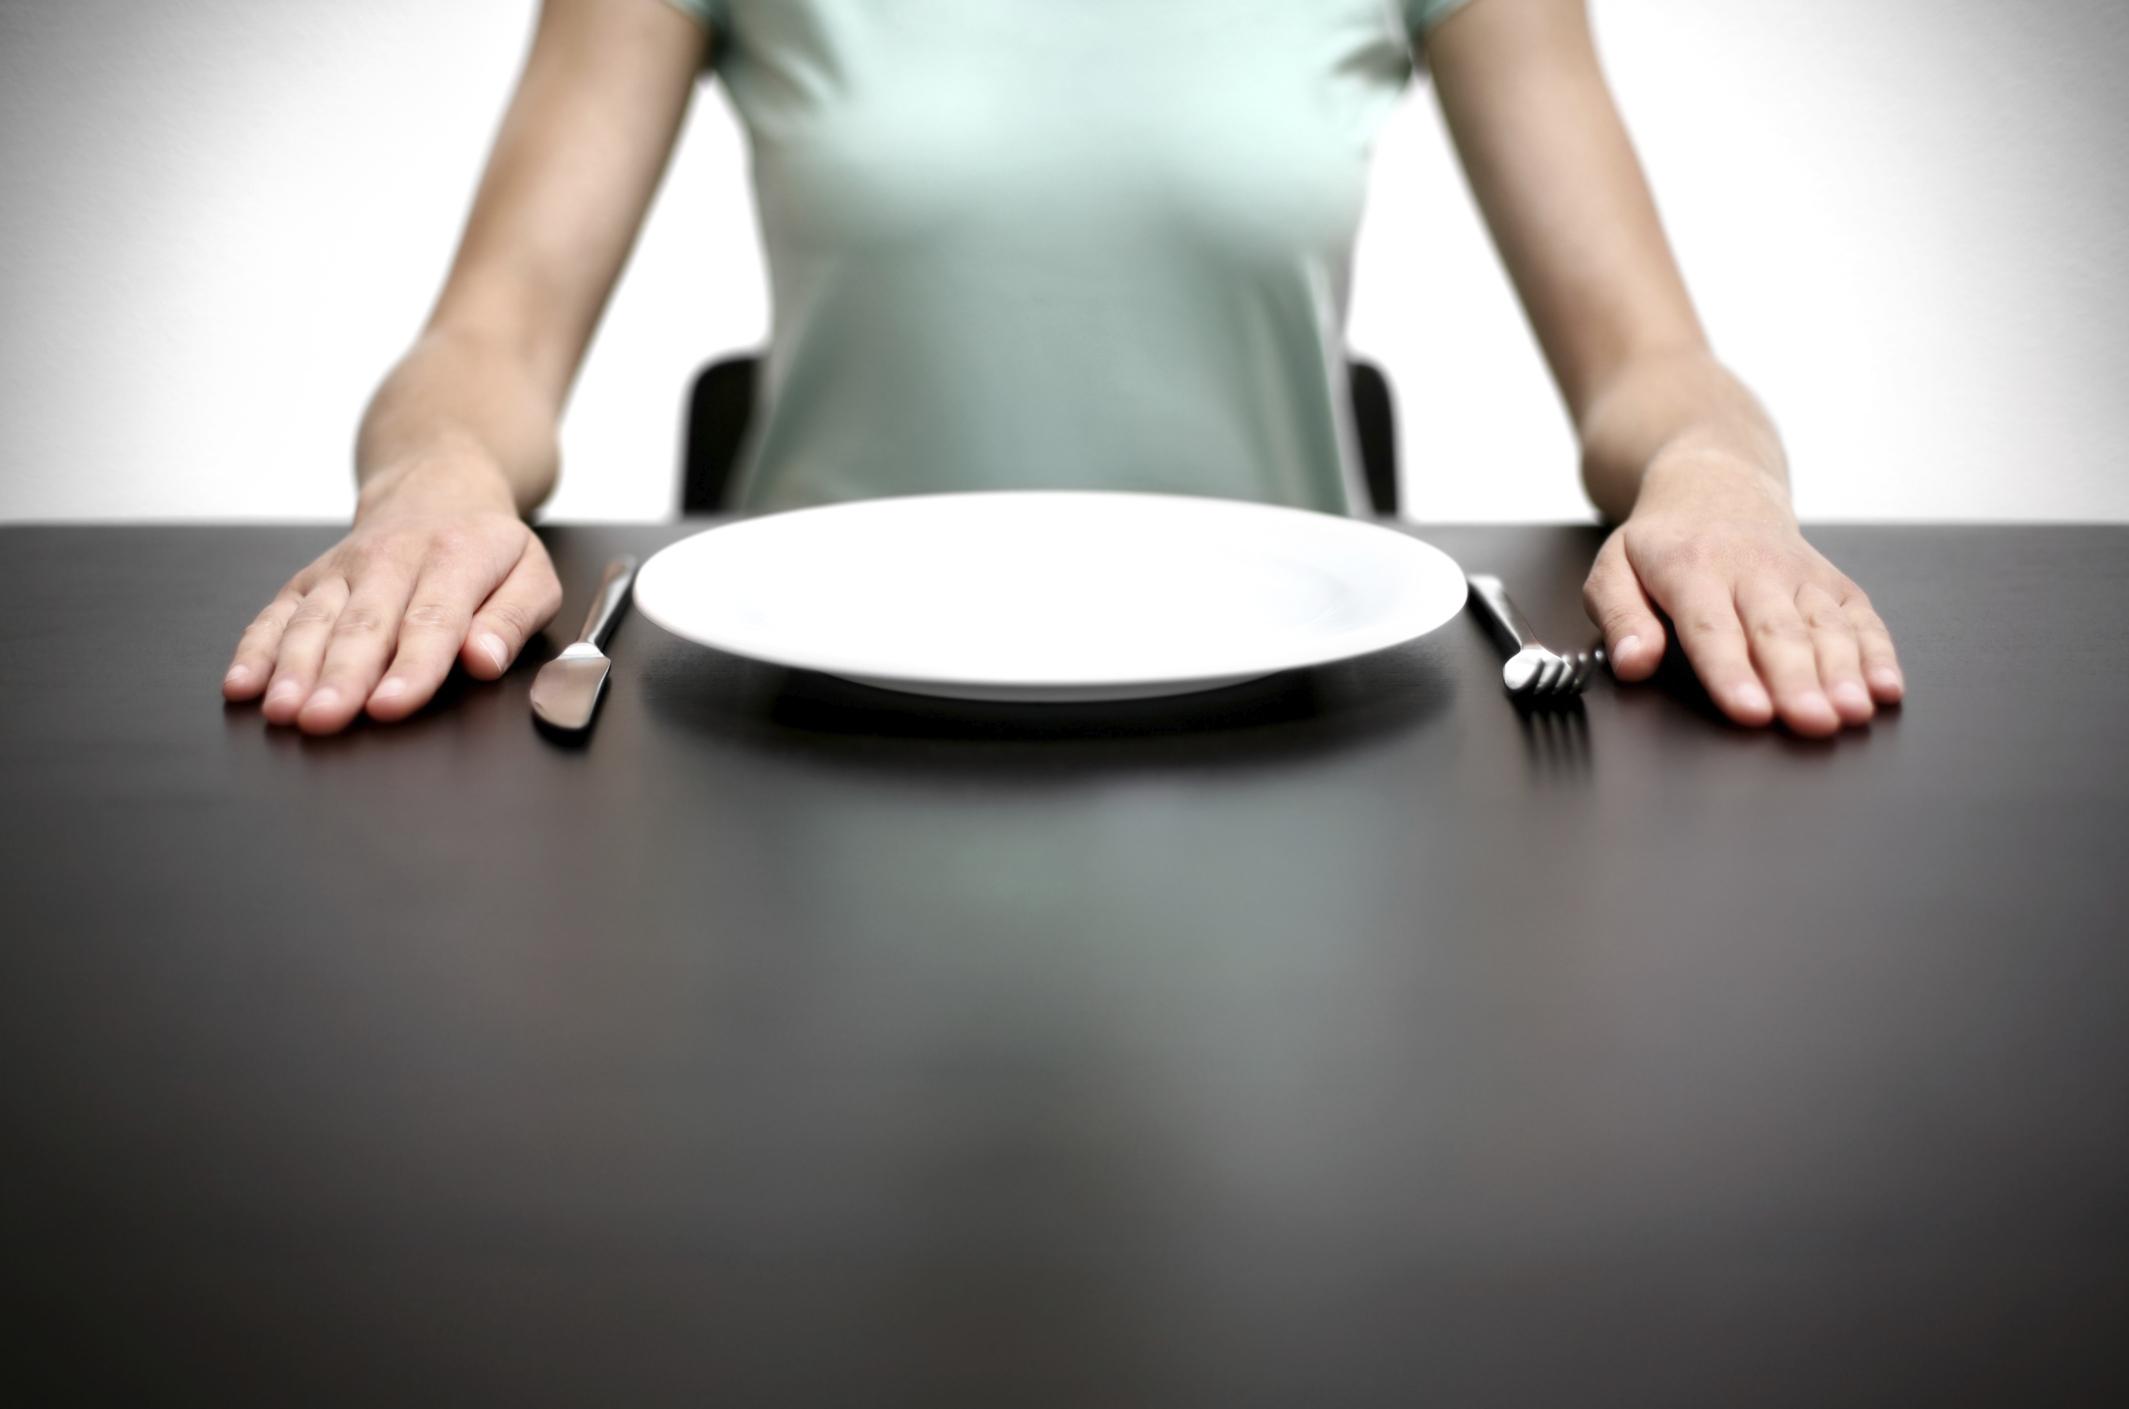 Как ПРАВИЛЬНО БЕГАТЬ, чтобы похудеть? - отзывы - 2017 год